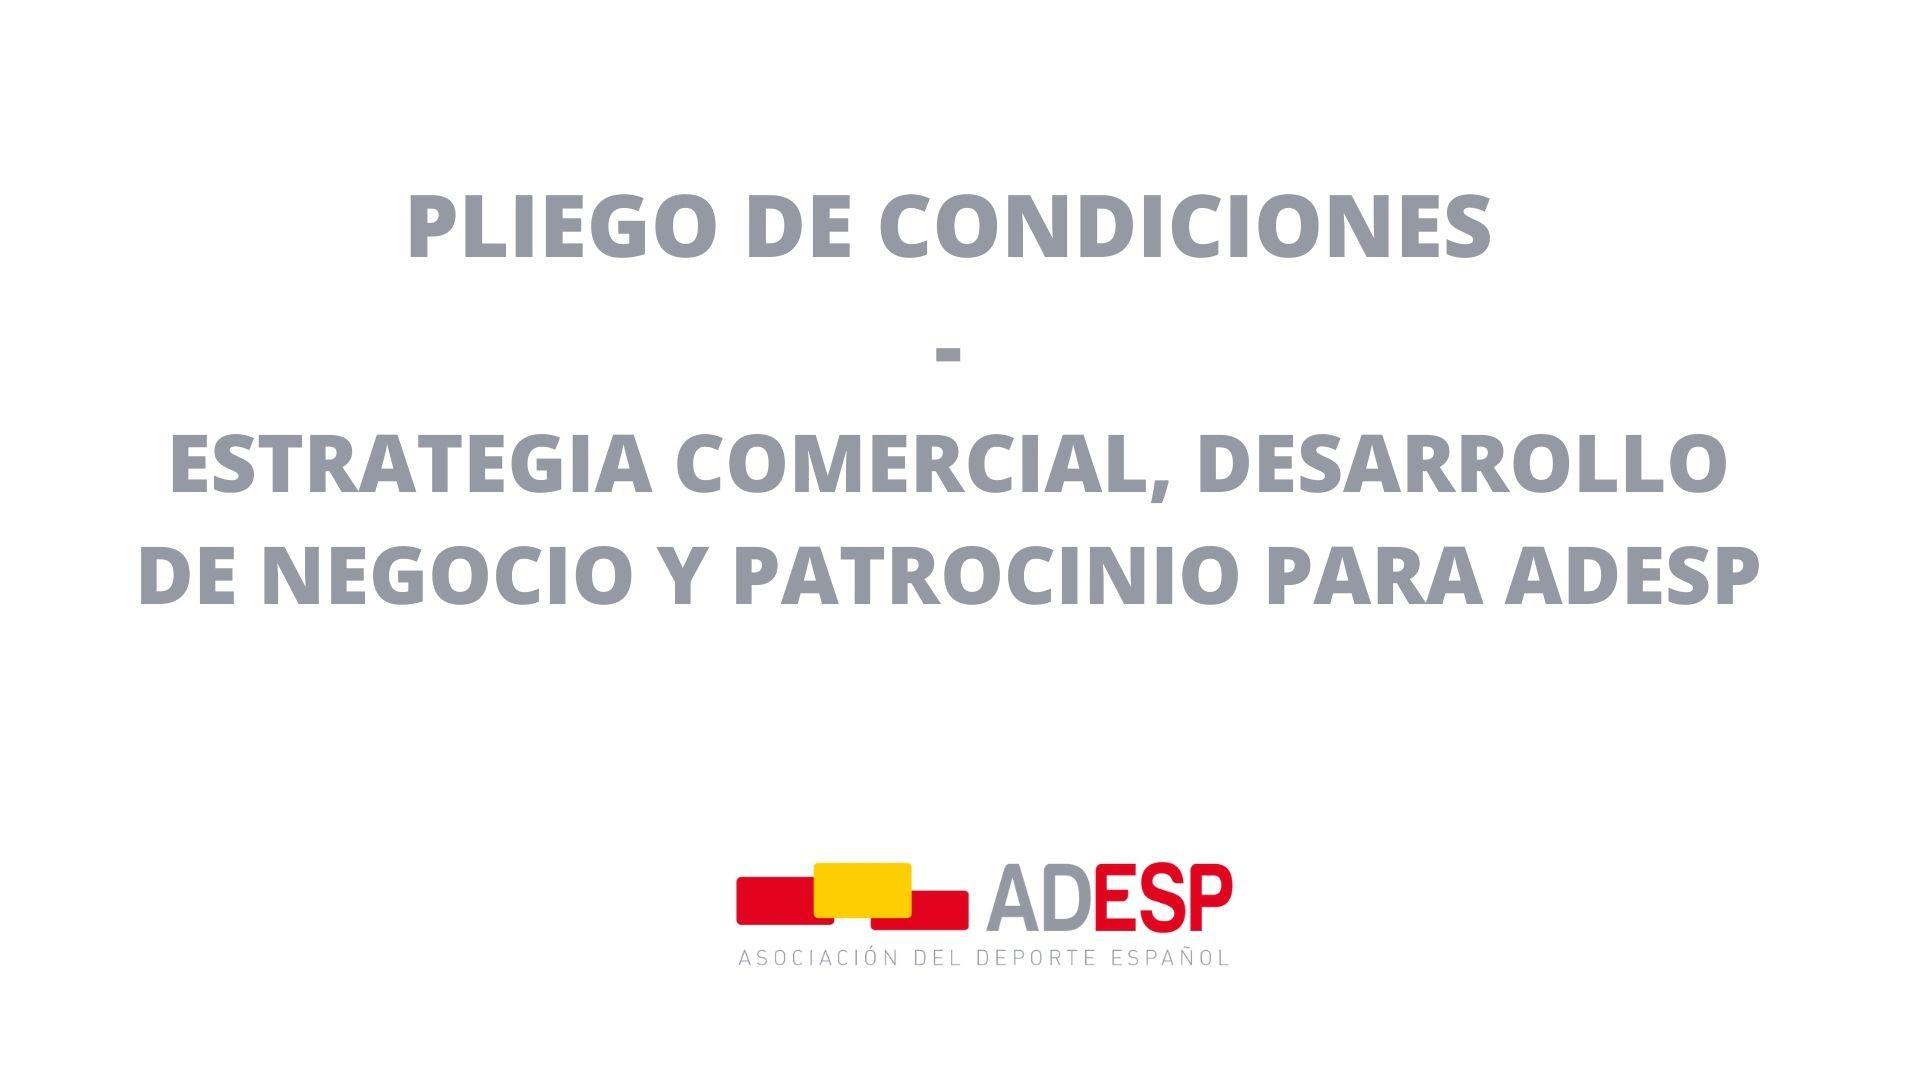 PLIEGO DE CONDICIONES PARA CONTRATACIÓN DE SERVICIOS DE DEFINICIÓN, EJECUCIÓN Y SEGUIMIENTO DE LA ESTRATEGIA COMERCIAL, DESARROLLO DE NEGOCIO Y PATROCINIO PARA ADESP